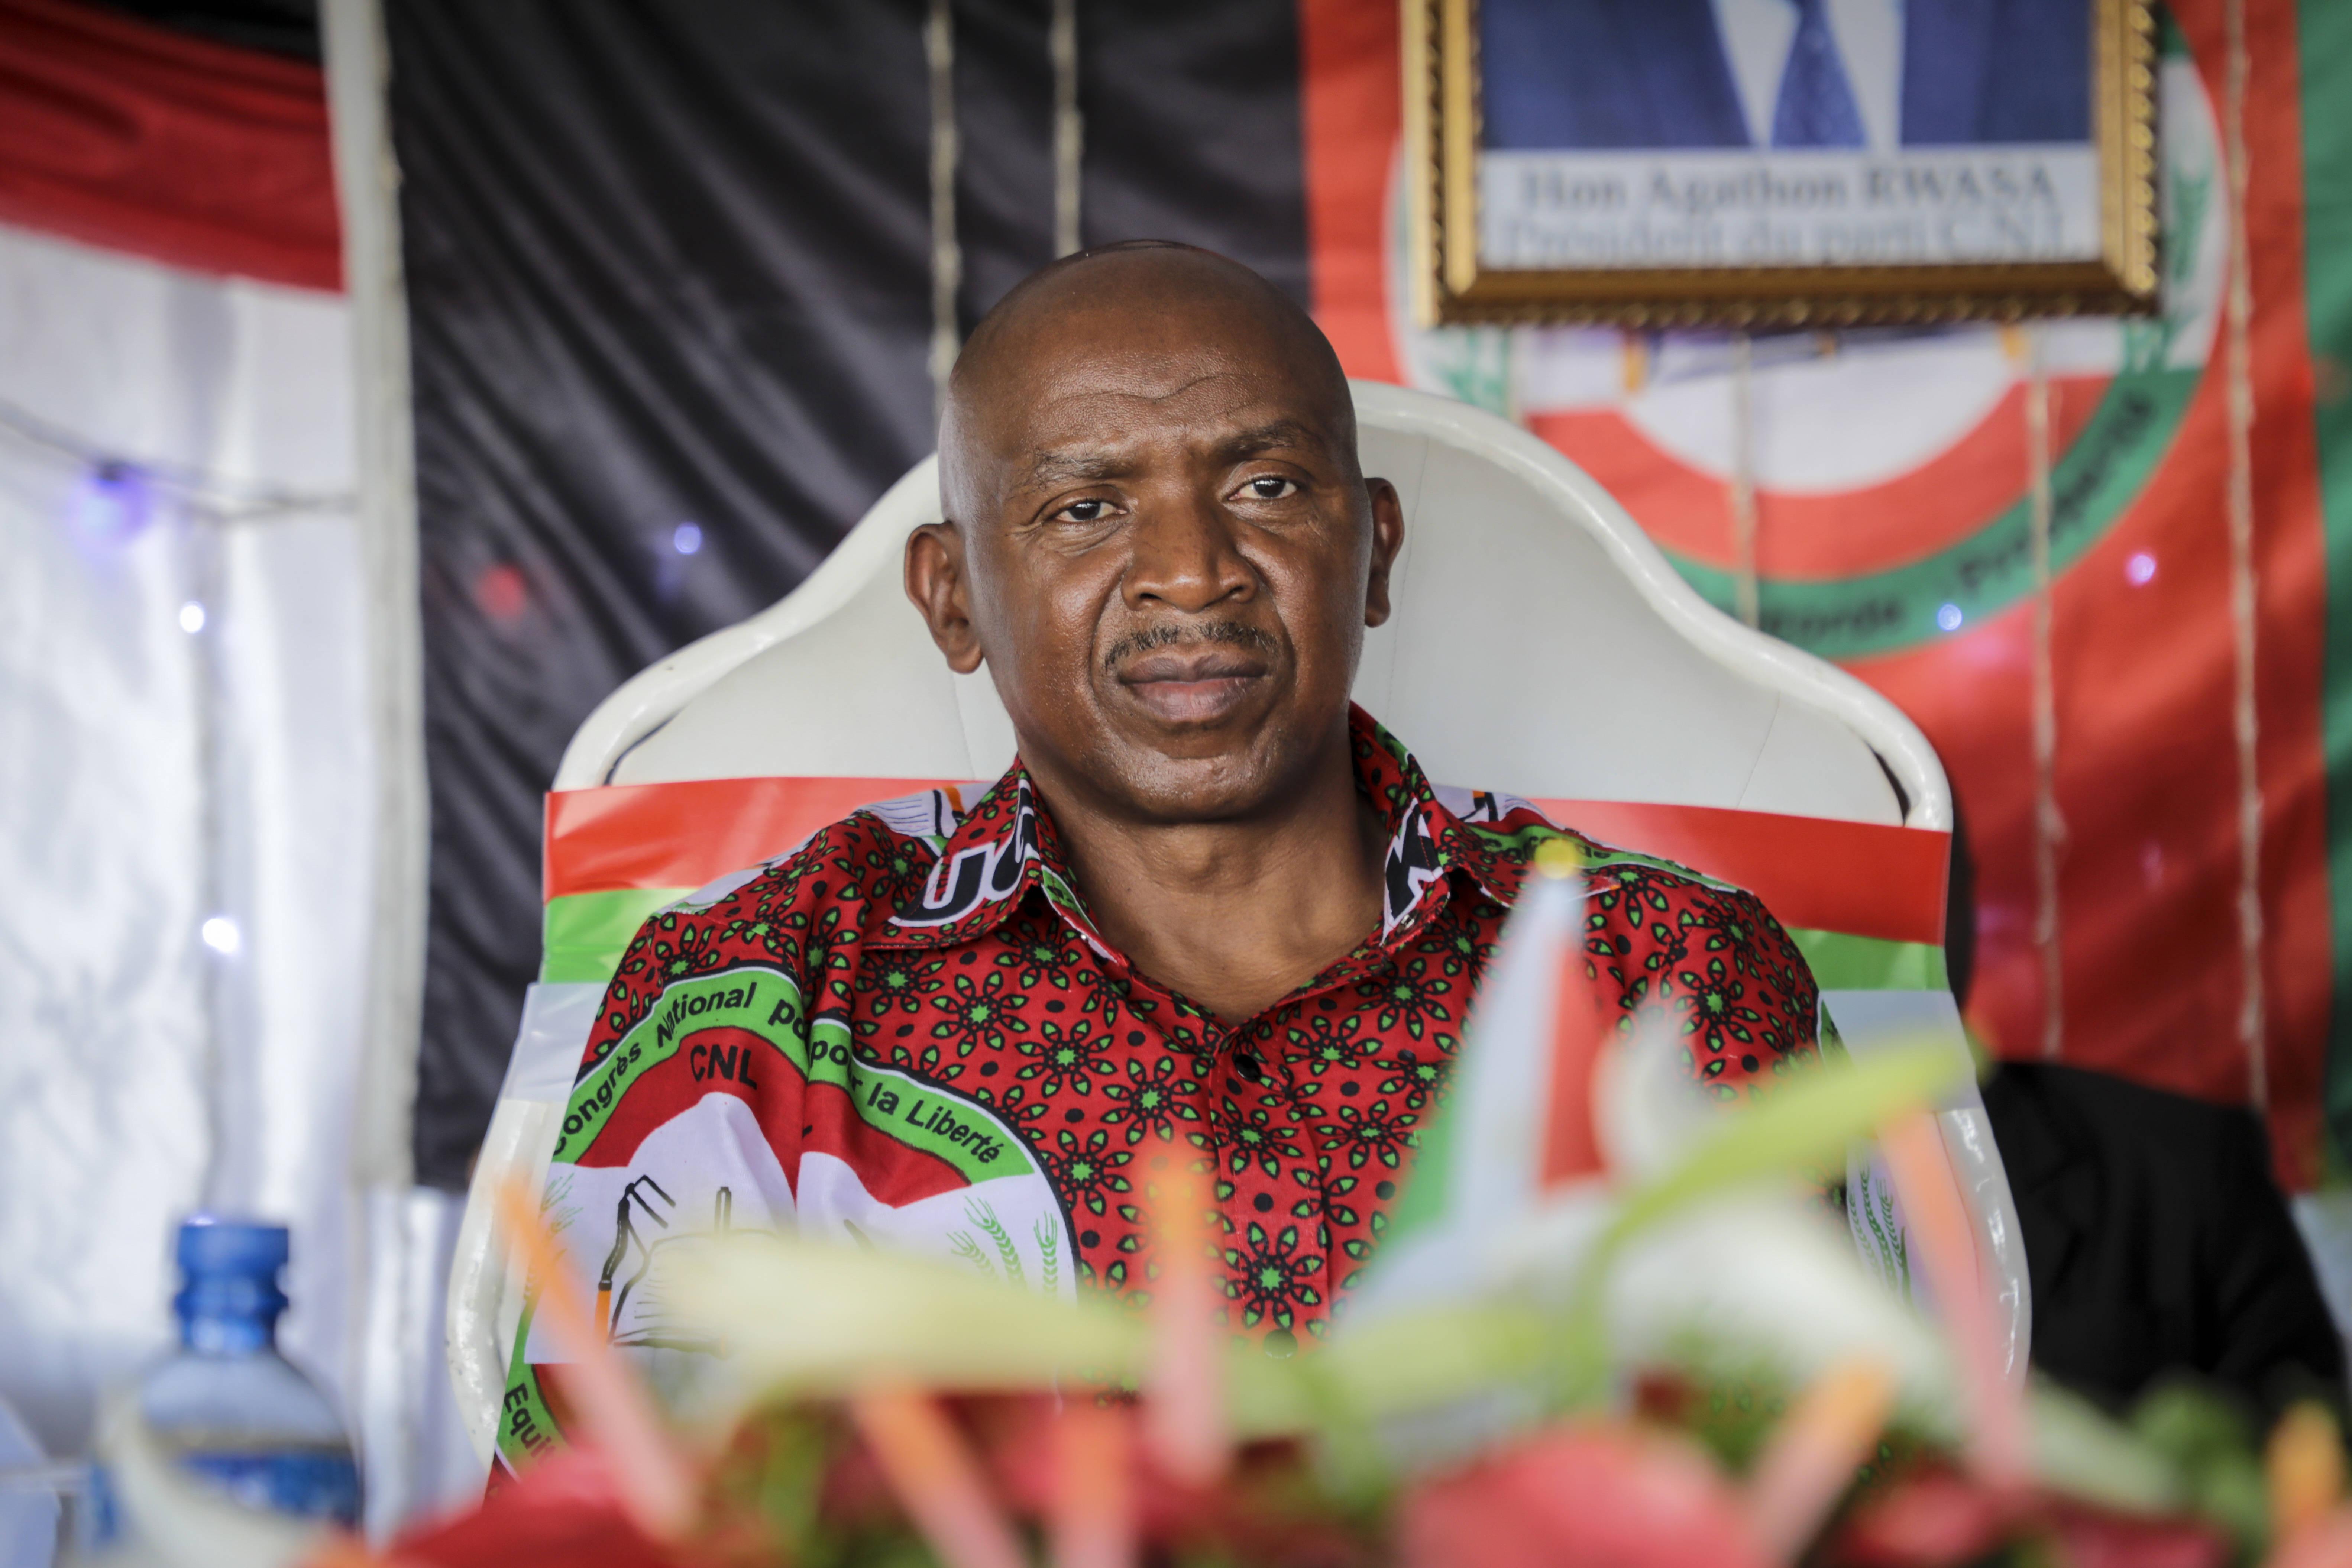 Agathon Rwasa, lors d'un meeting du CNL à Bujumbura, pendant la campagne présidentielle au Burundi, le 16 gévrier 2020.